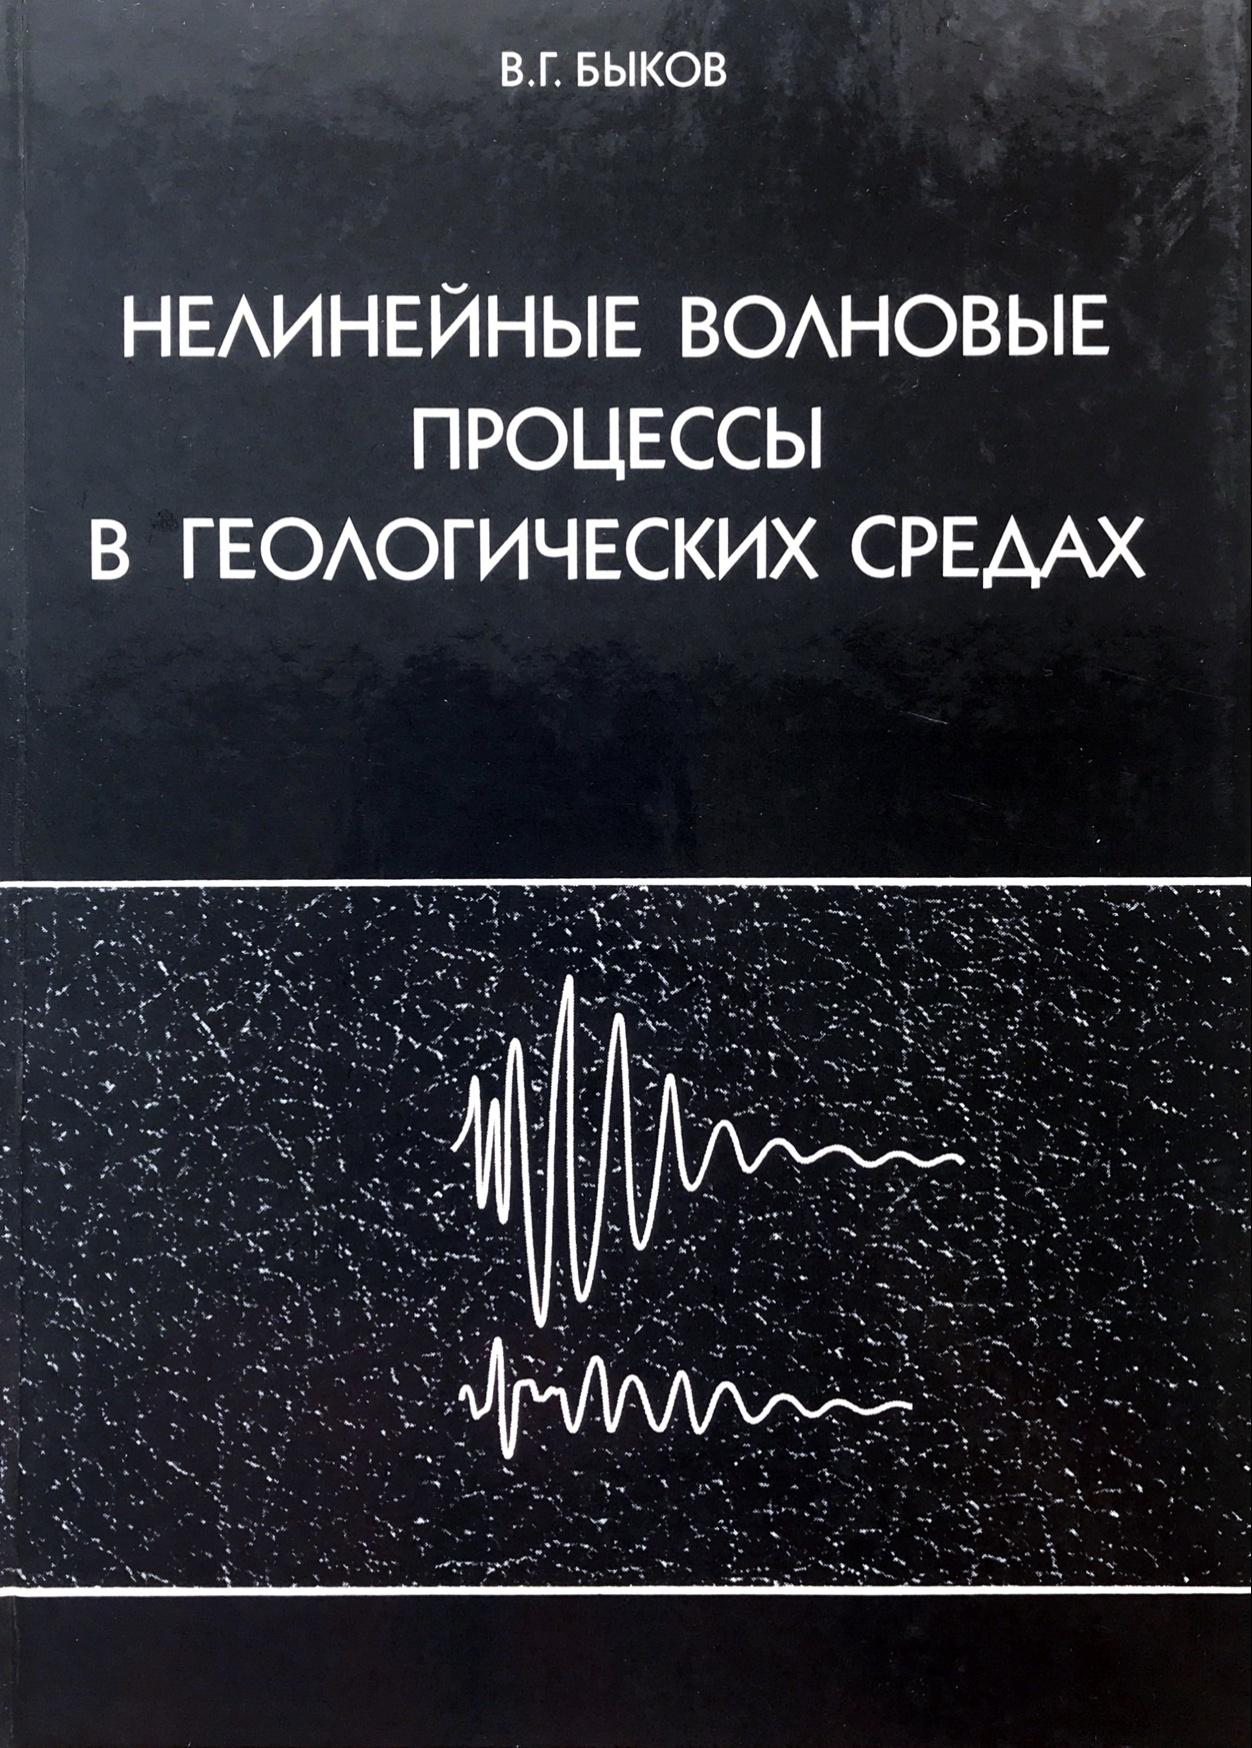 Г.И.Дружинин Геофизические процессы в околоземном пространстве